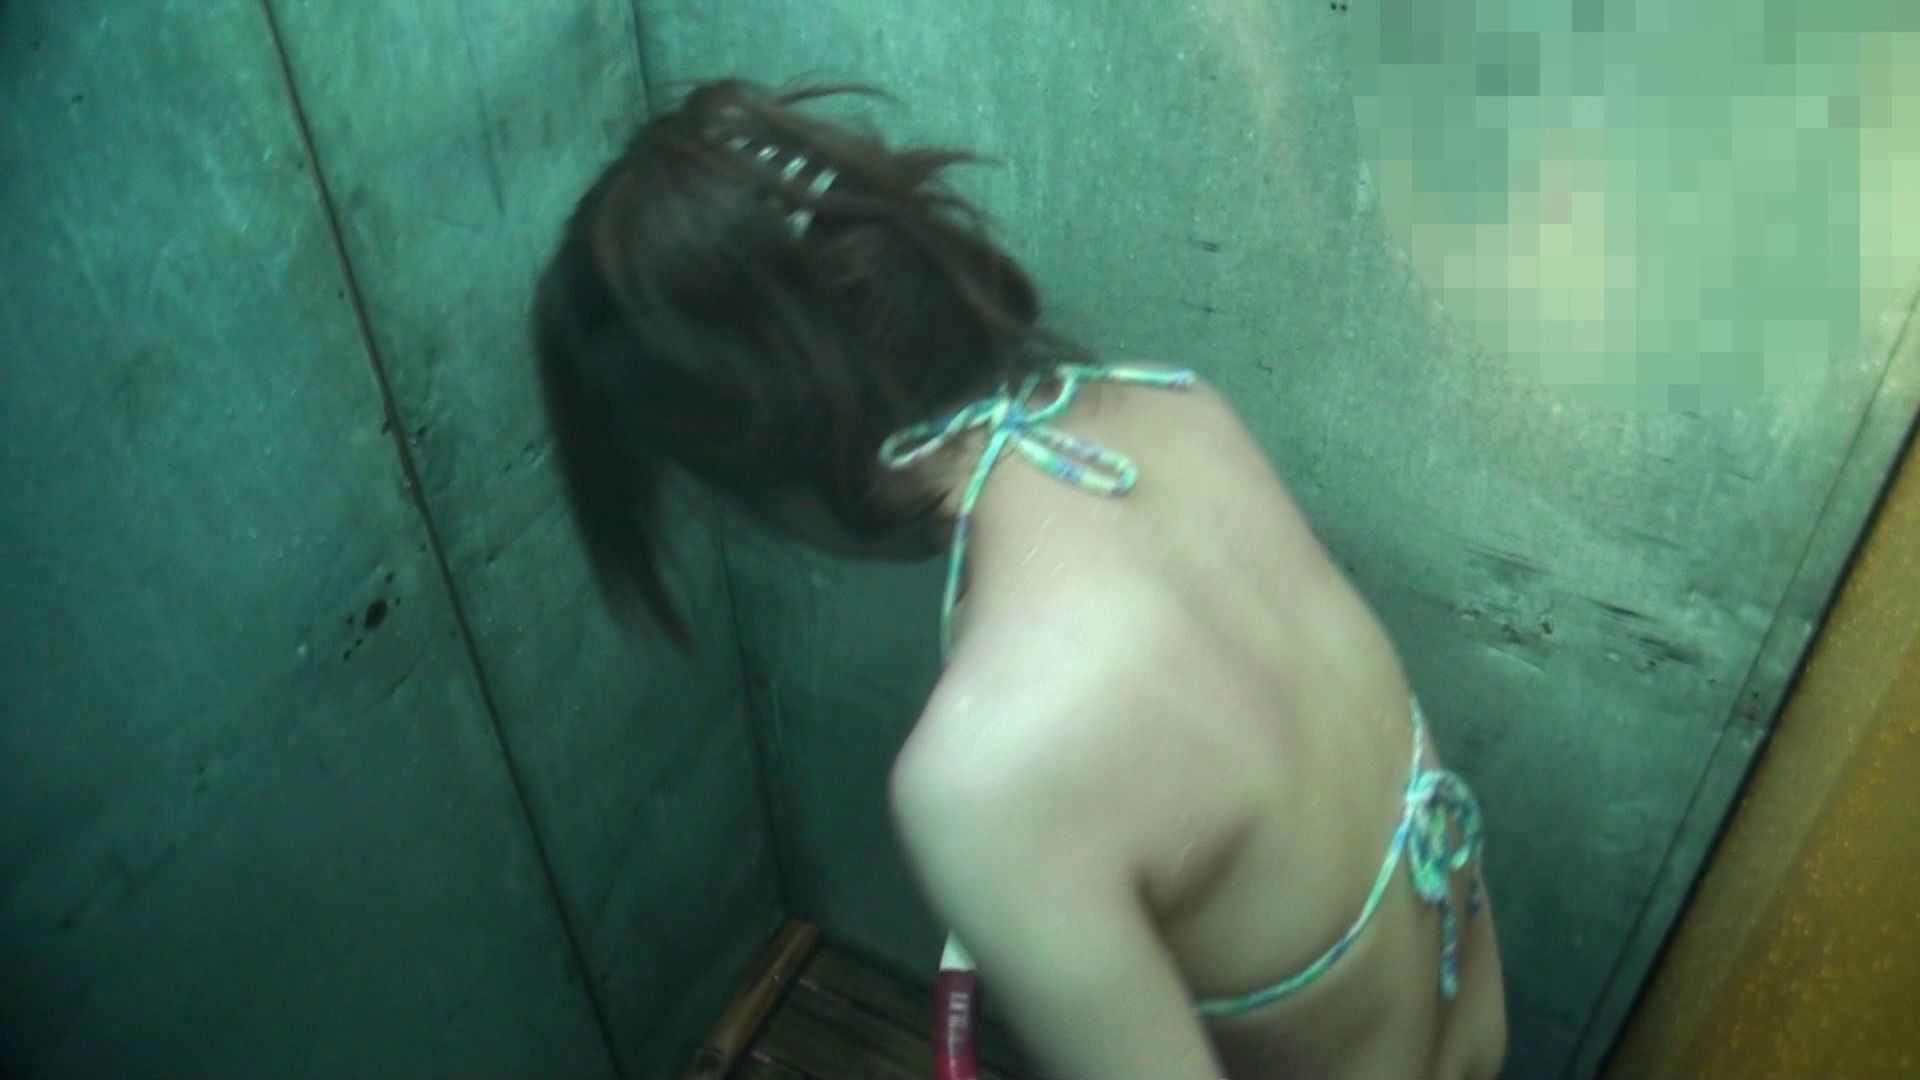 シャワールームは超!!危険な香りVol.15 残念ですが乳首未確認 マンコの砂は入念に マンコ  48連発 15